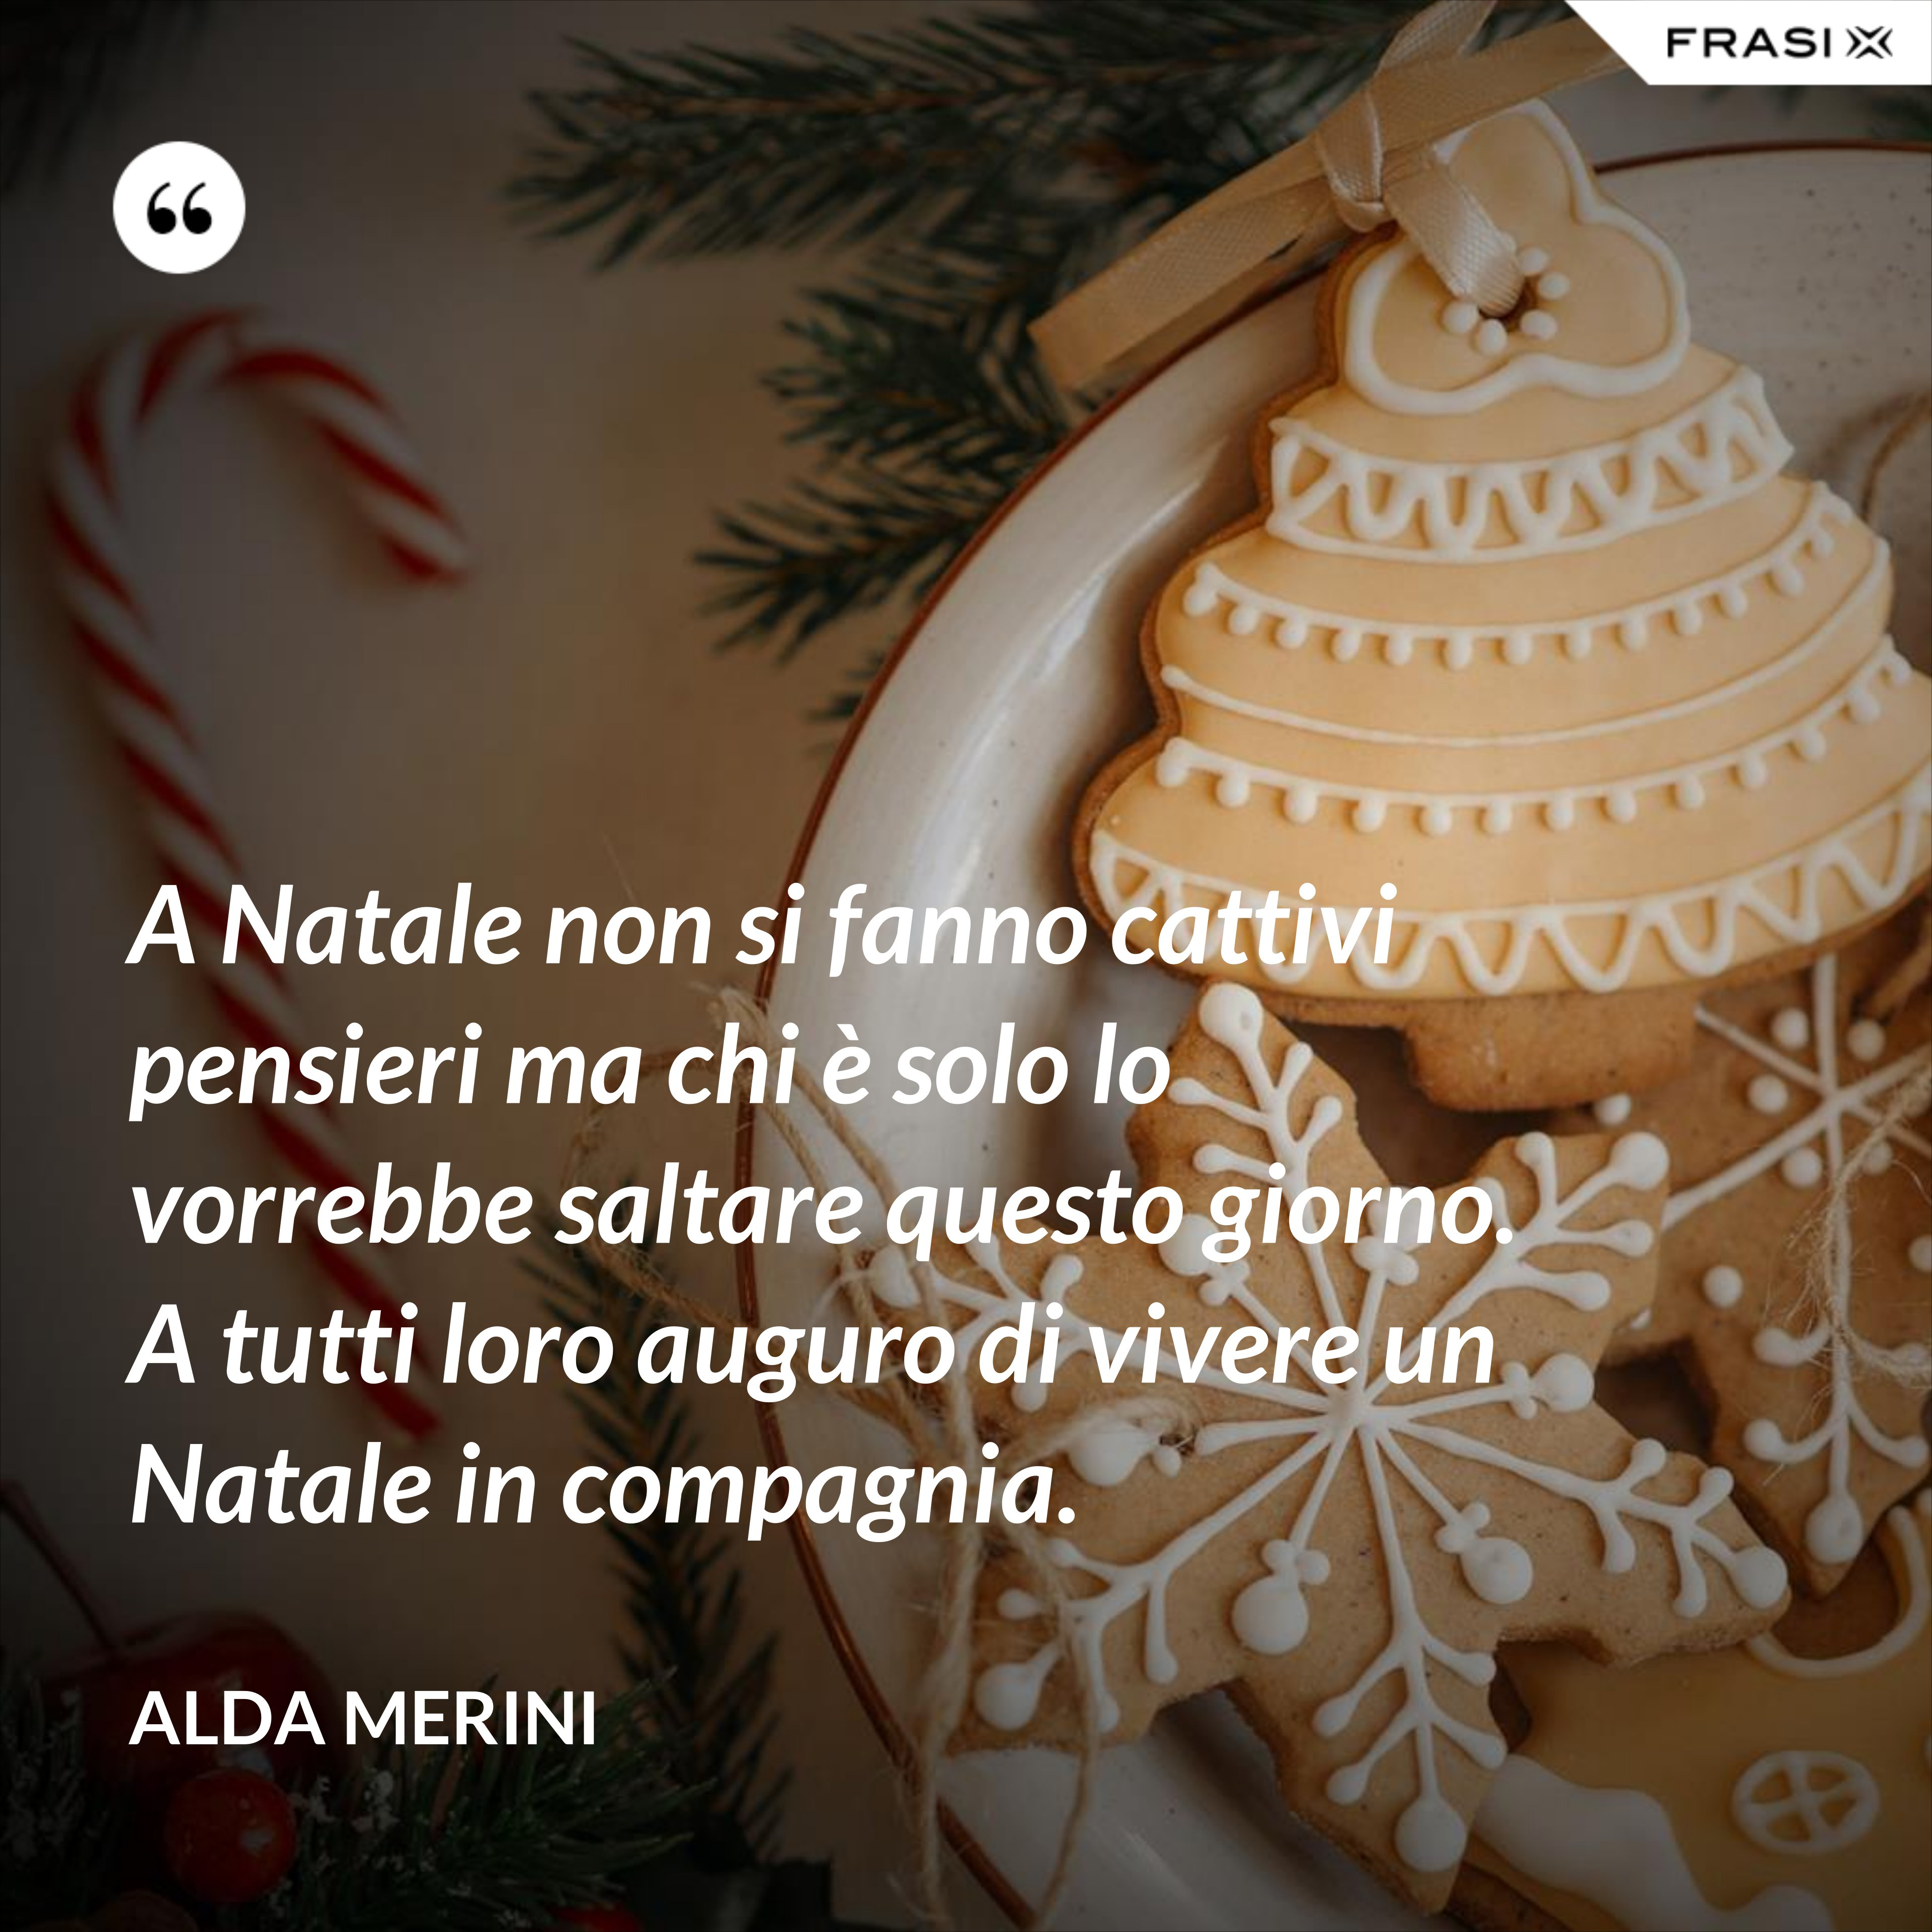 A Natale non si fanno cattivi pensieri ma chi è solo lo vorrebbe saltare questo giorno. A tutti loro auguro di vivere un Natale in compagnia. - Alda Merini